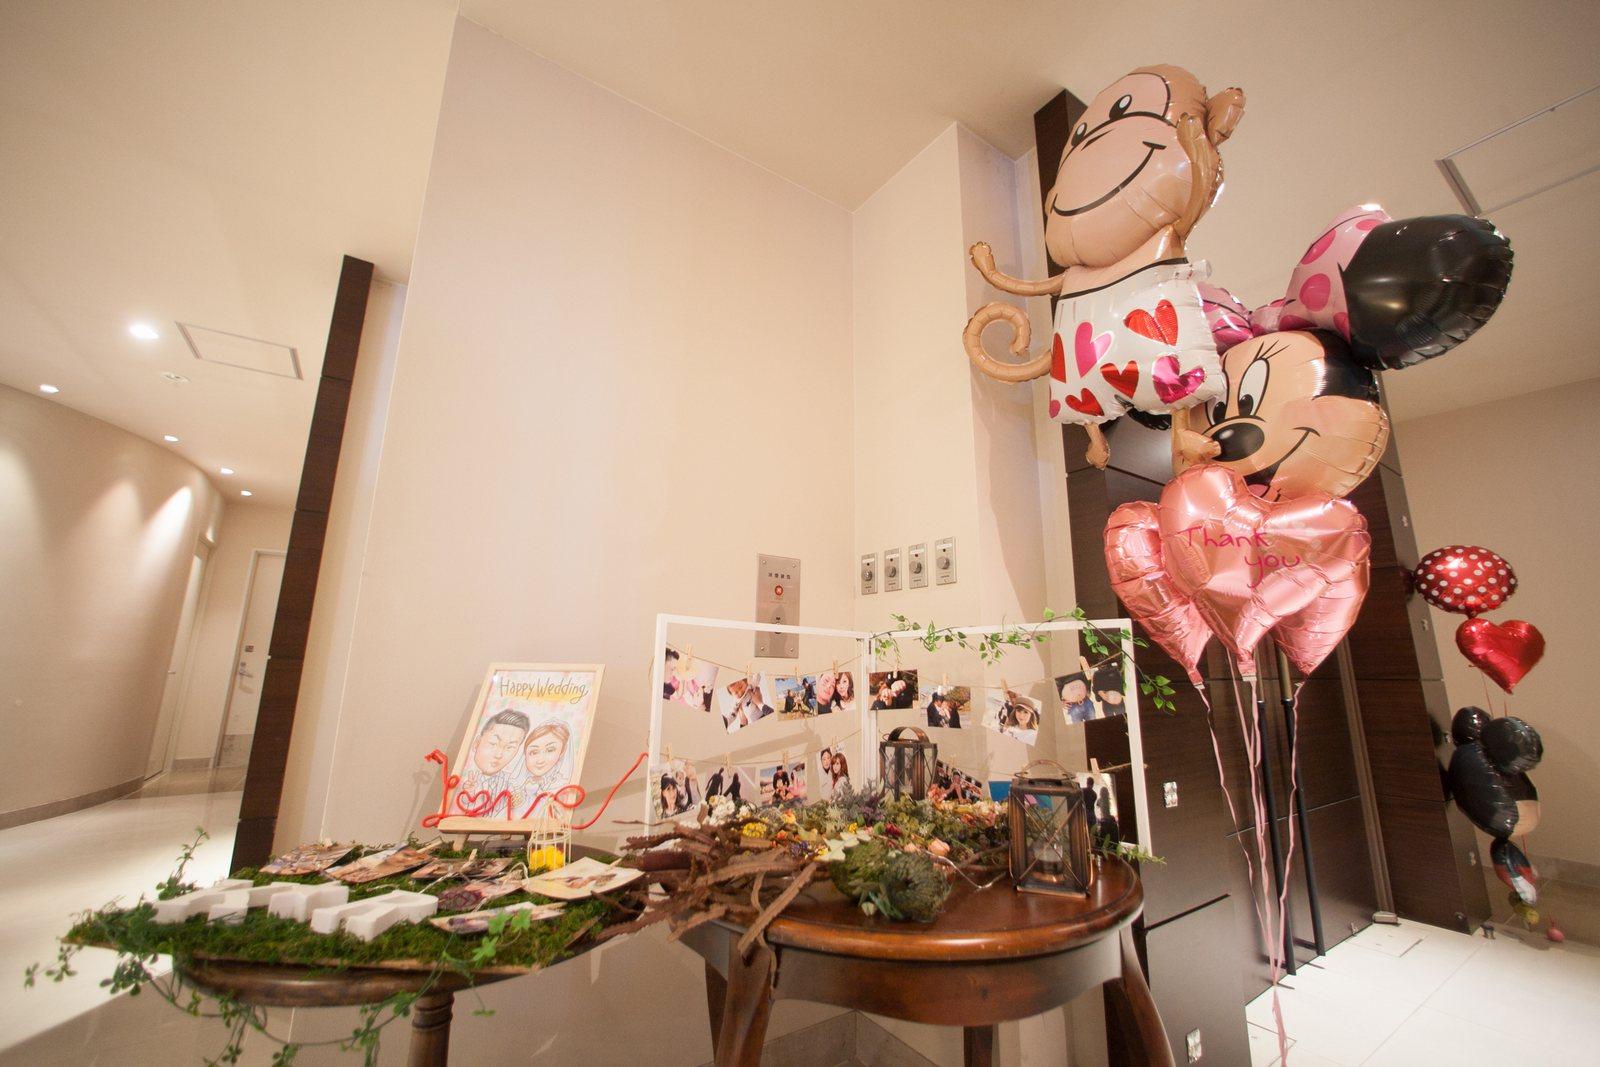 香川の結婚式場シェルエメール&アイスタイル 受付装飾